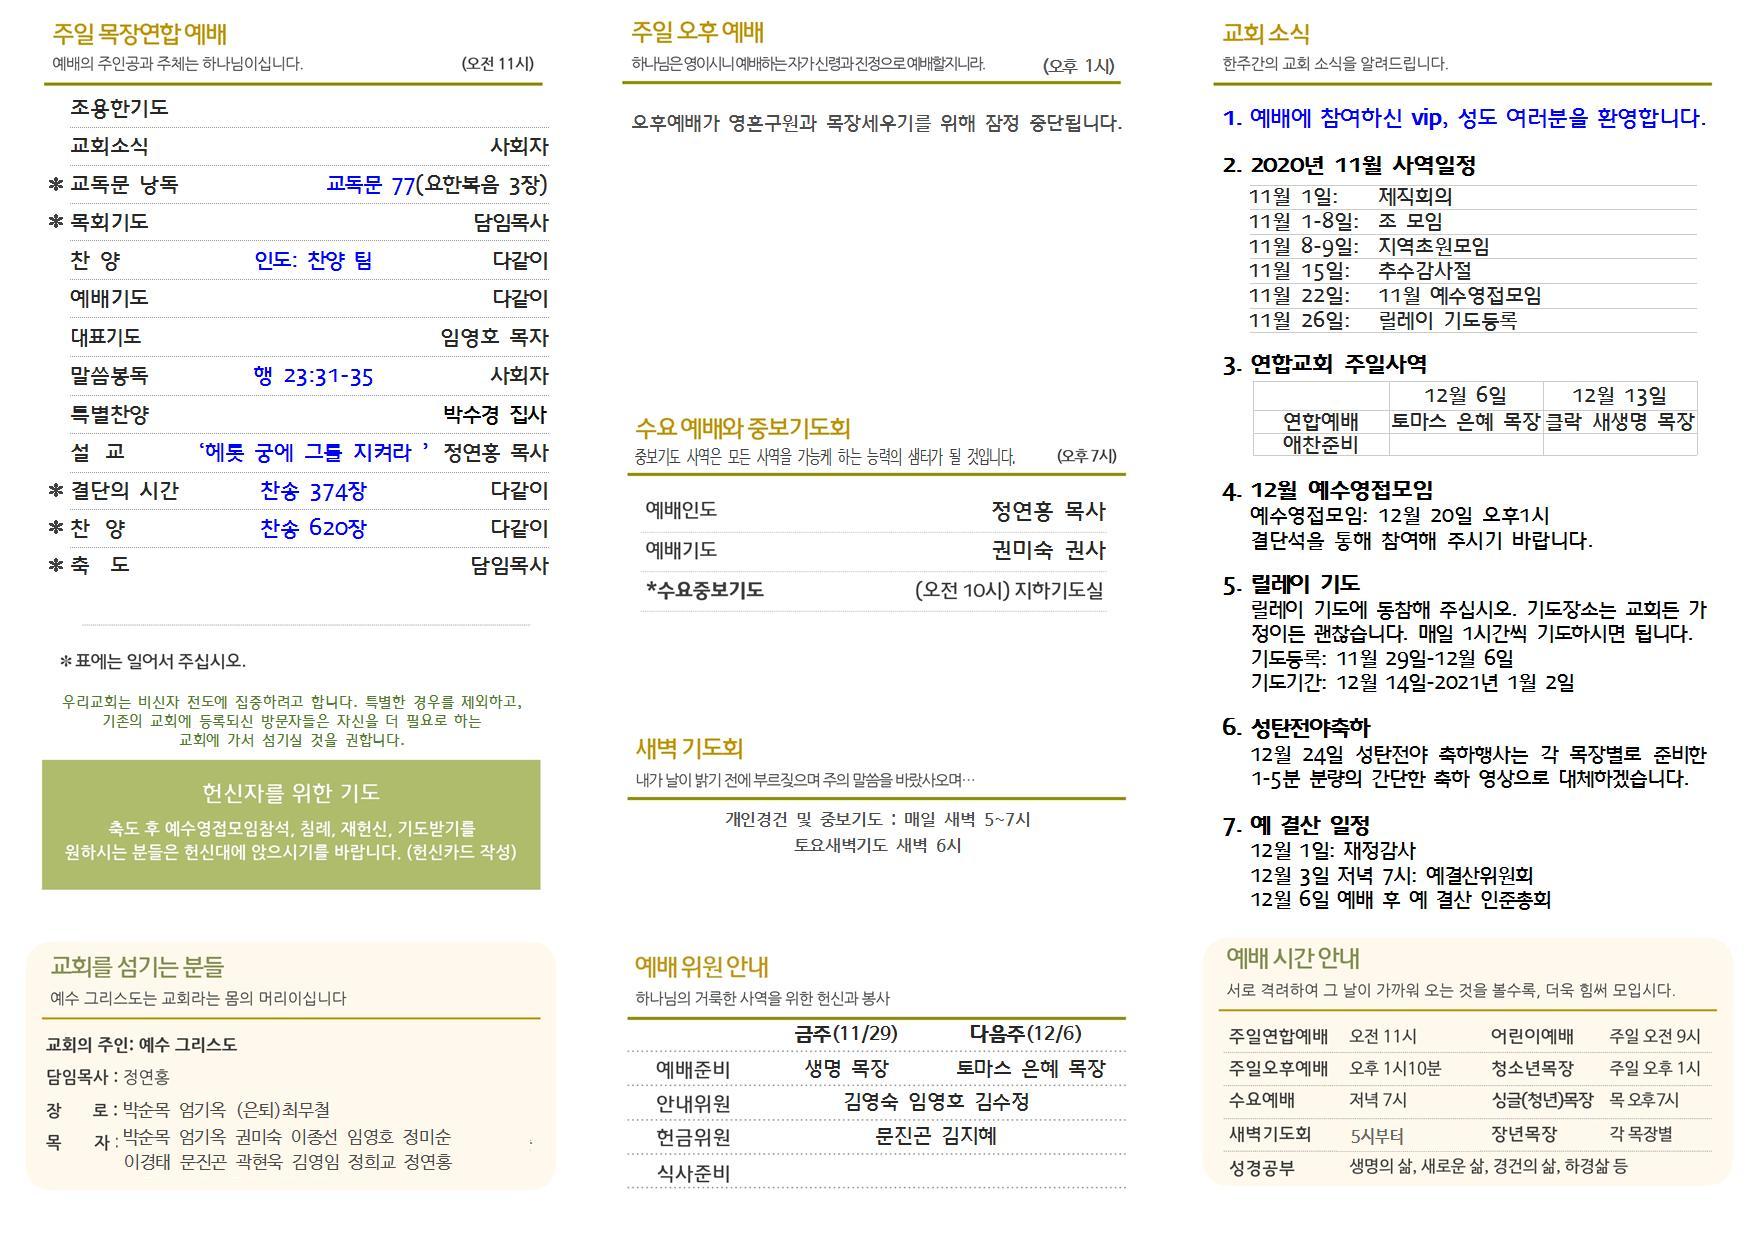 201129-1,2002.jpg